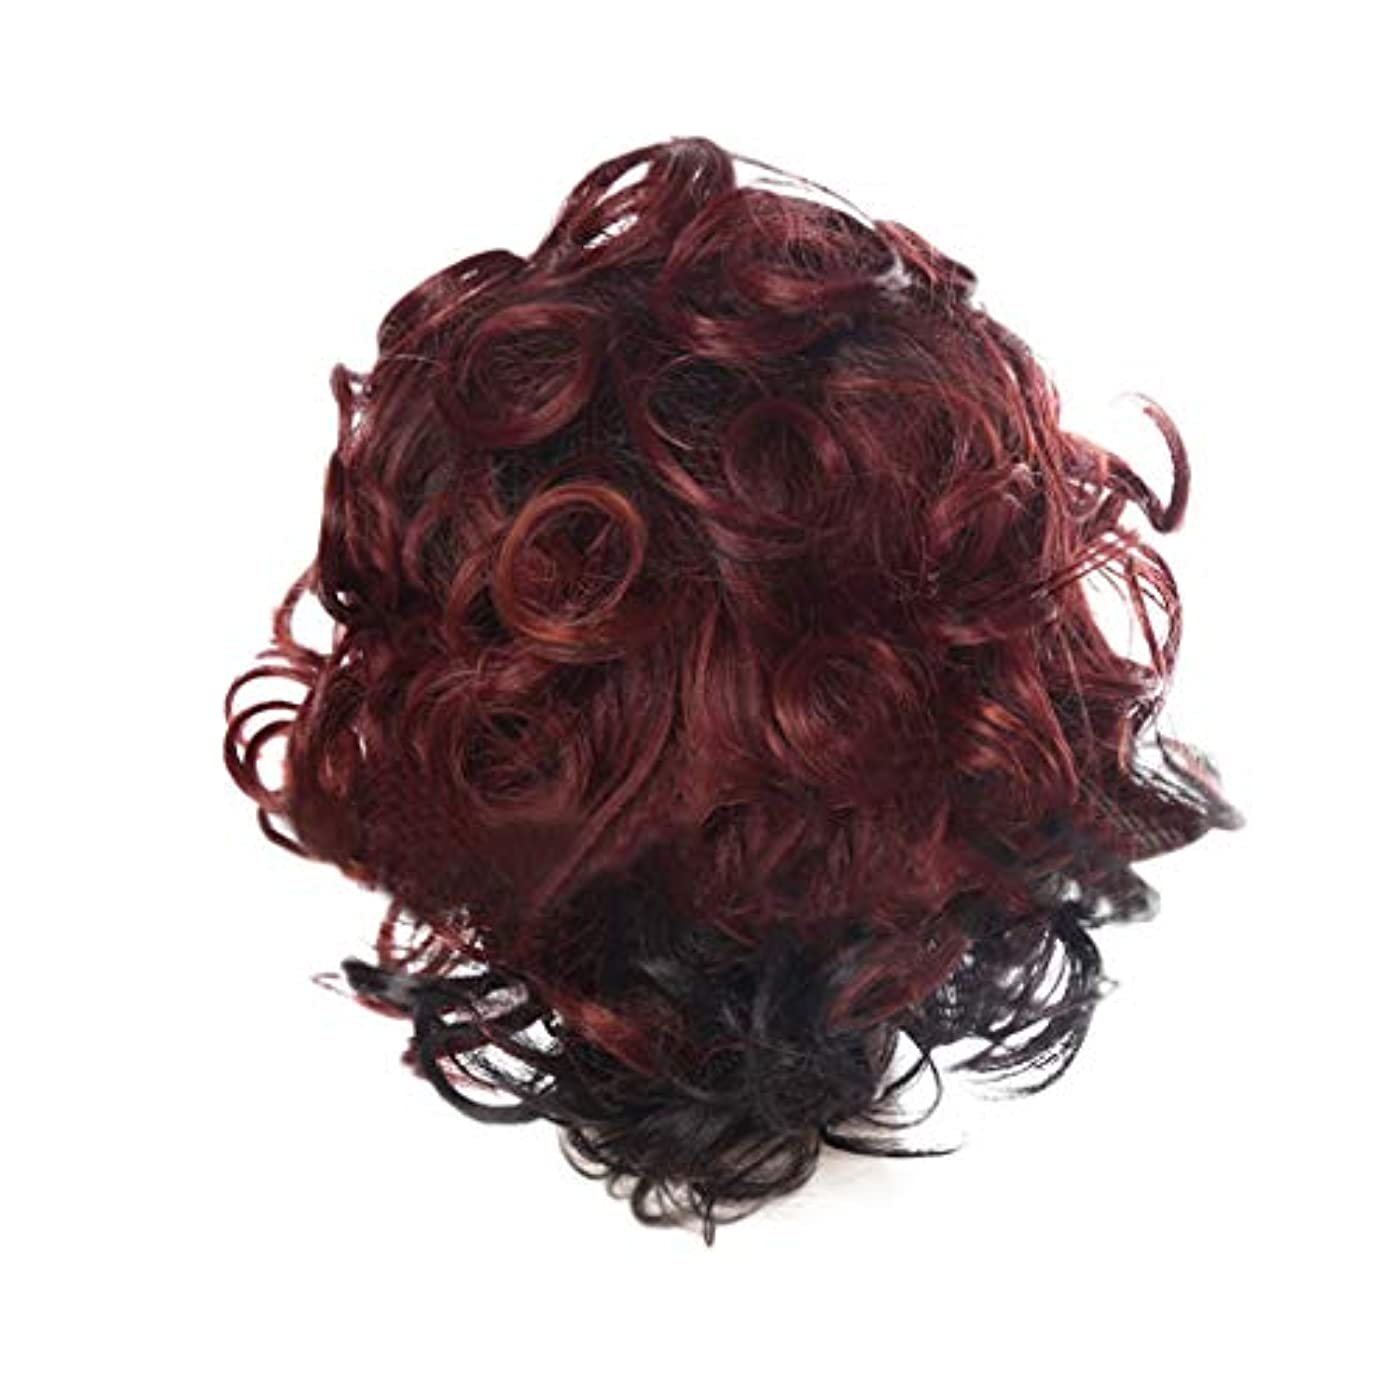 うまくやる()合成子供っぽい女性の赤い短い巻き毛の人格爆発ヘッドかつら35 cmをかつら